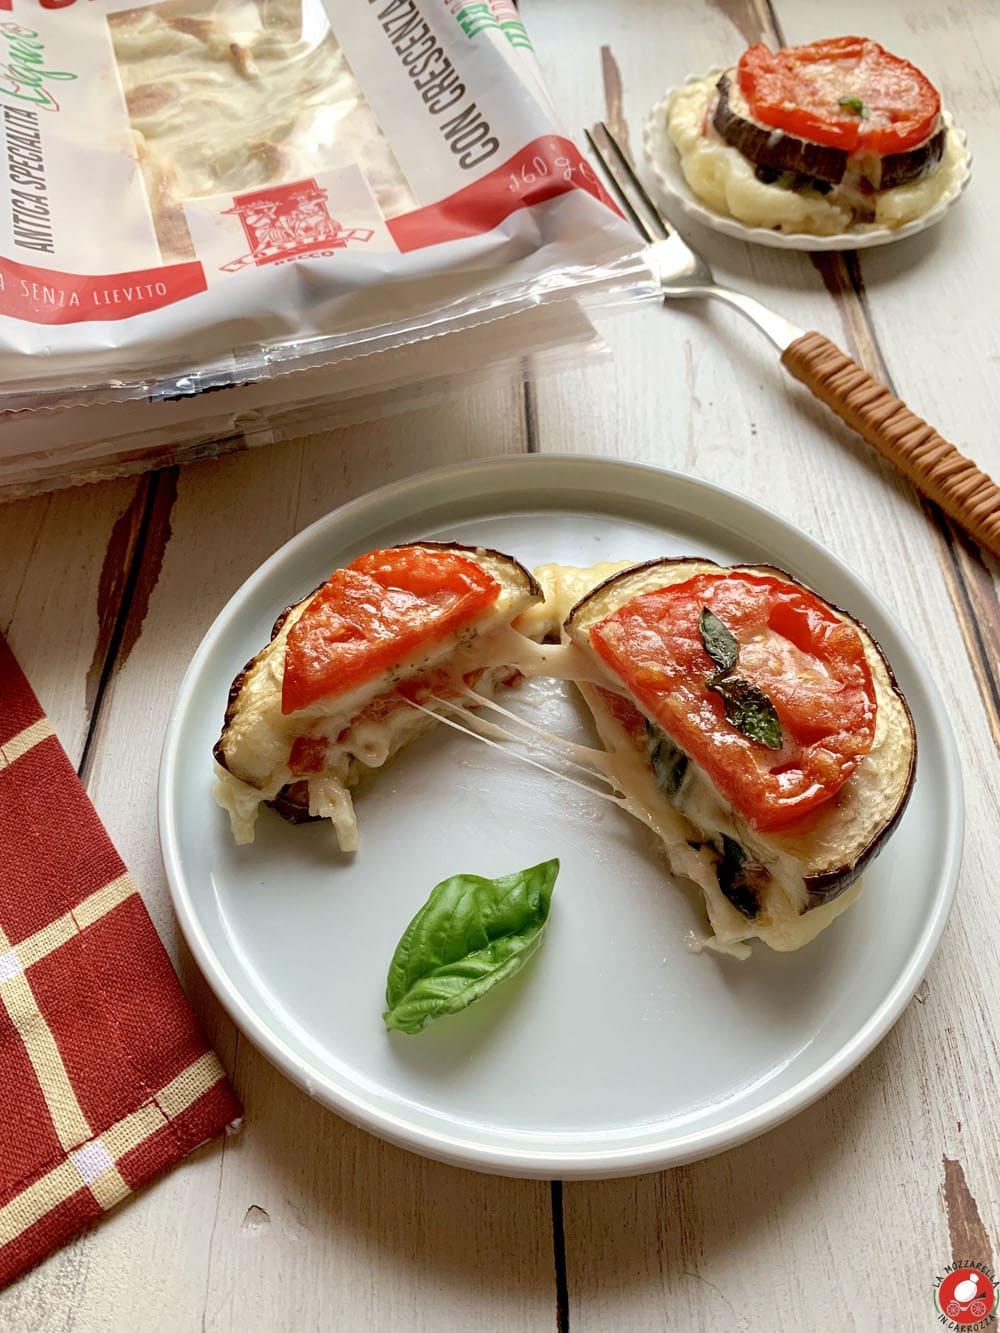 La Mozzarella in Carrozza - Parmigiana light con Focaccia al Formaggio @Tossini